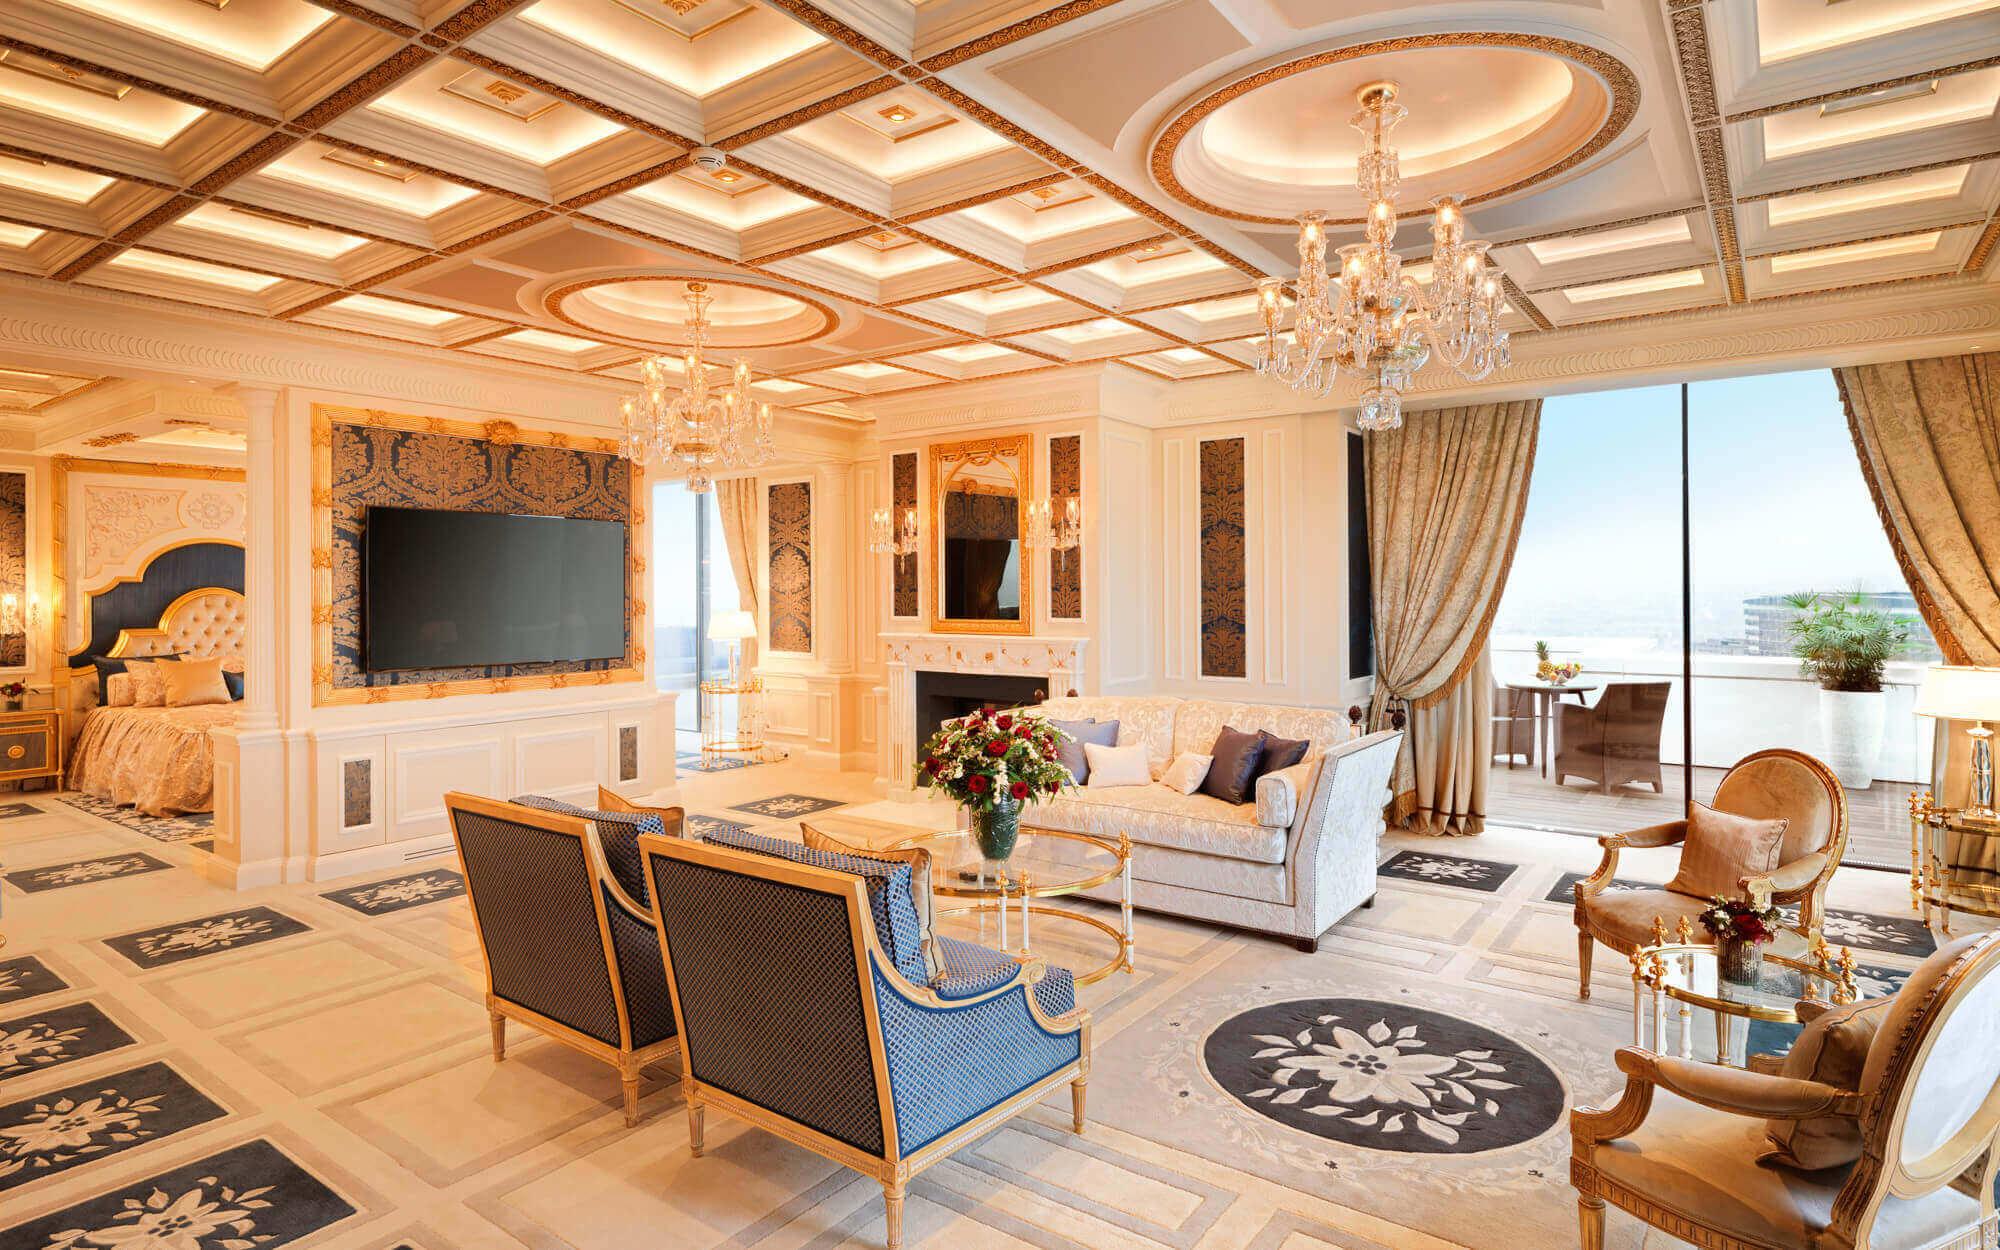 Royal Residence Hotel Atlantis By Giardino